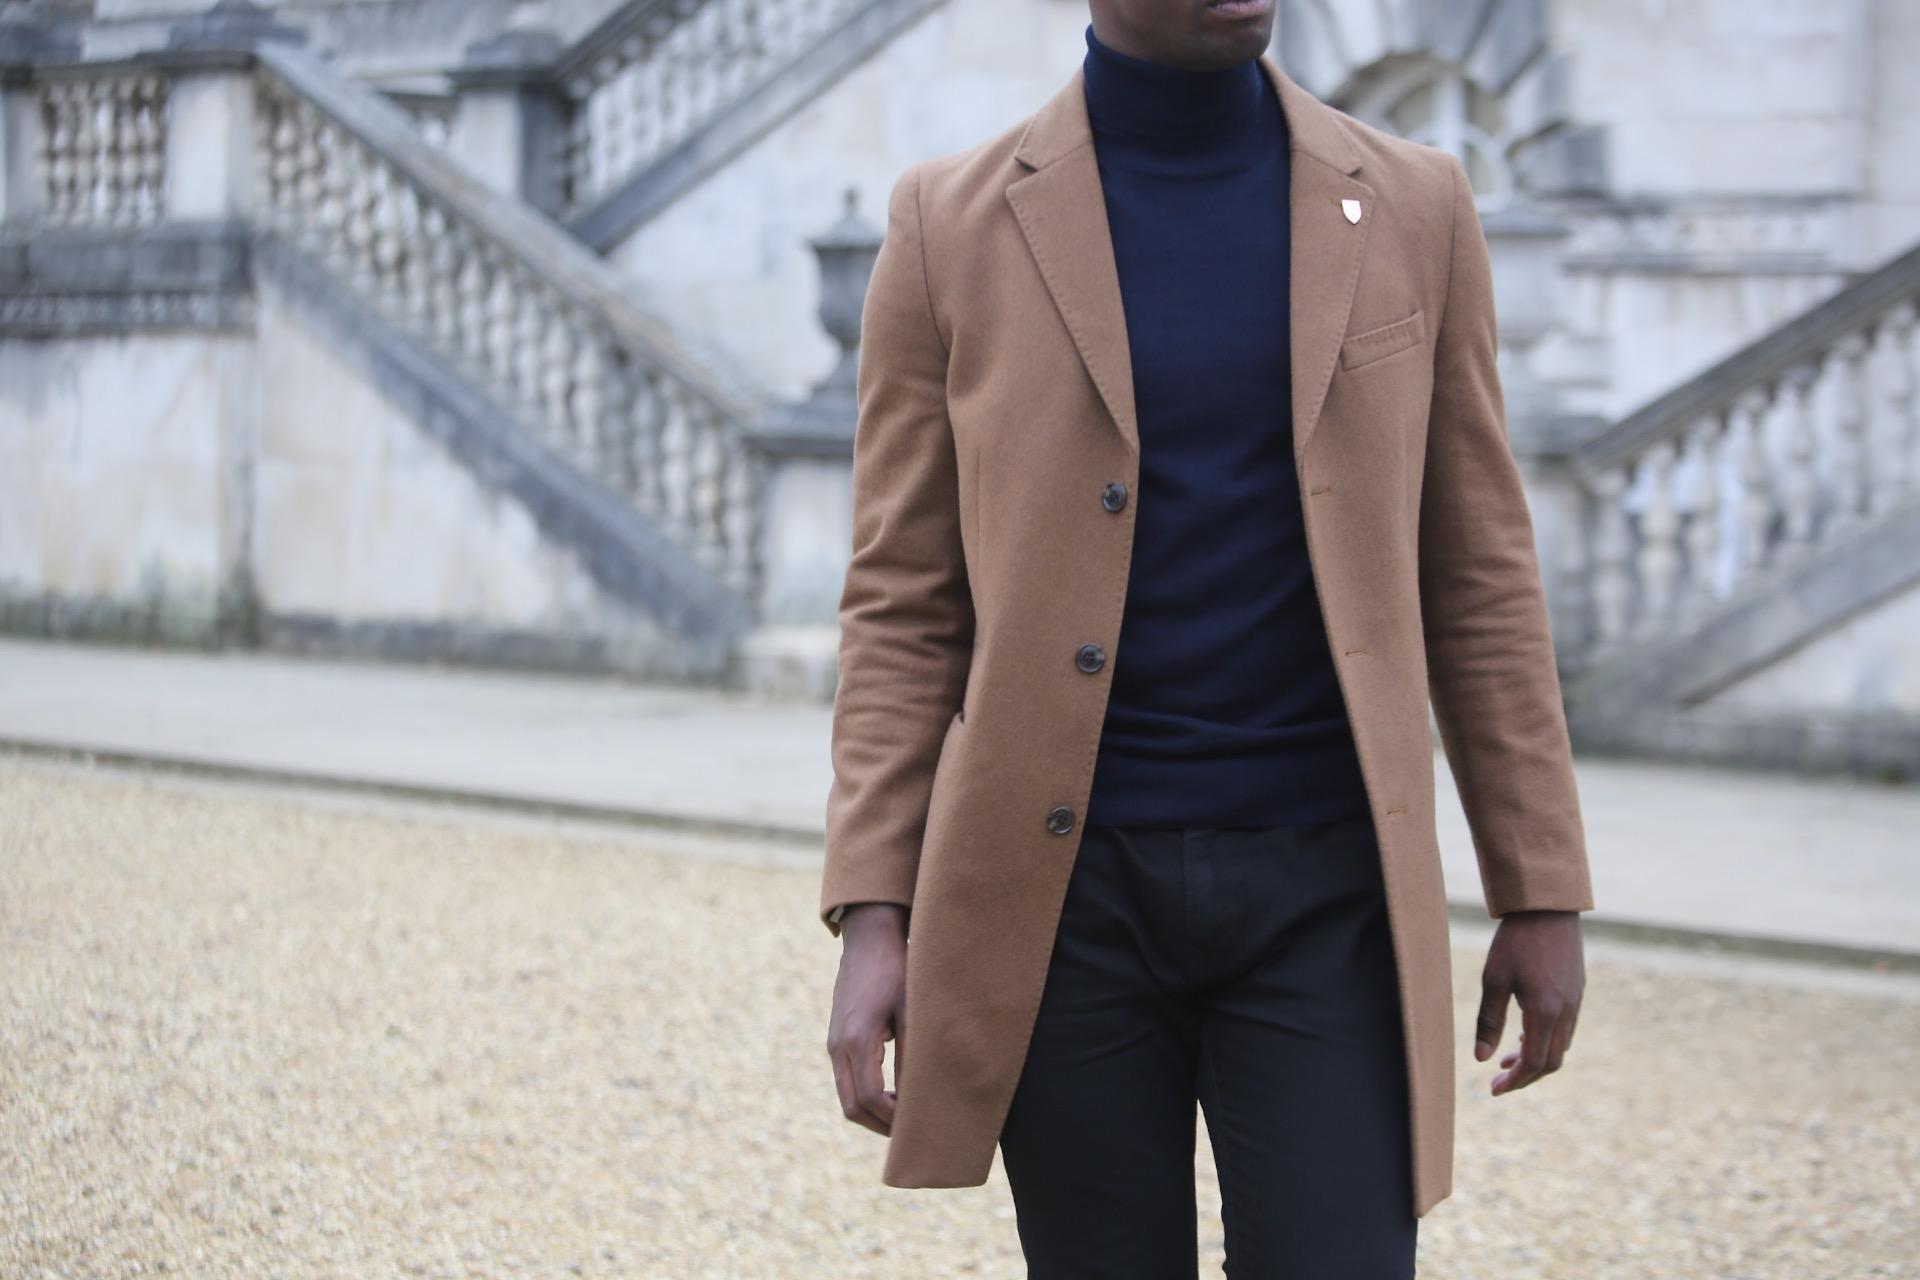 the autumn coats of maketh the man maketh the man mens fashion #1: maketh the man aw16 coats debenhams epson coat